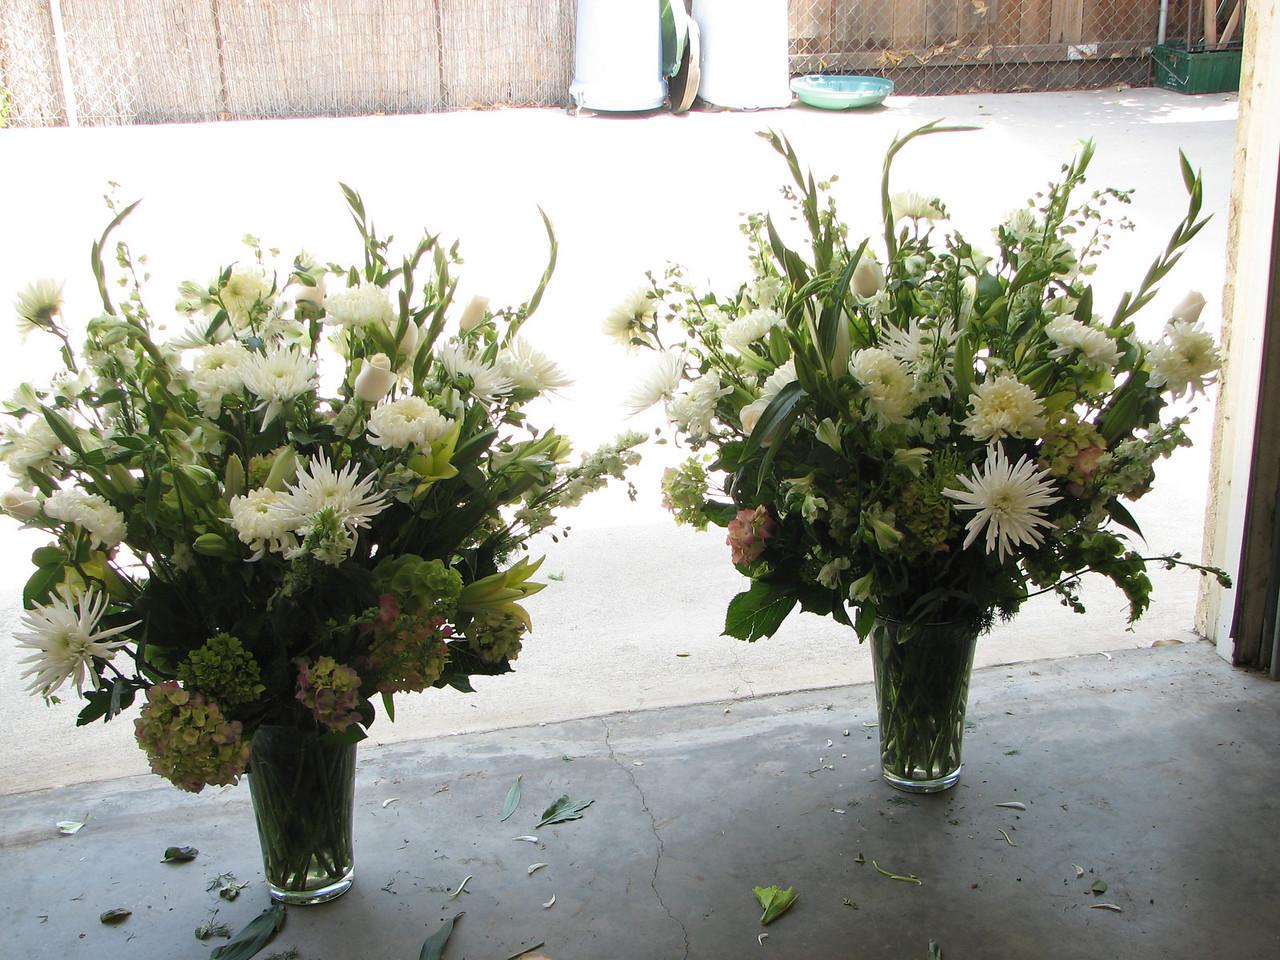 2007 06 09 Sat - Head bouquets - darker